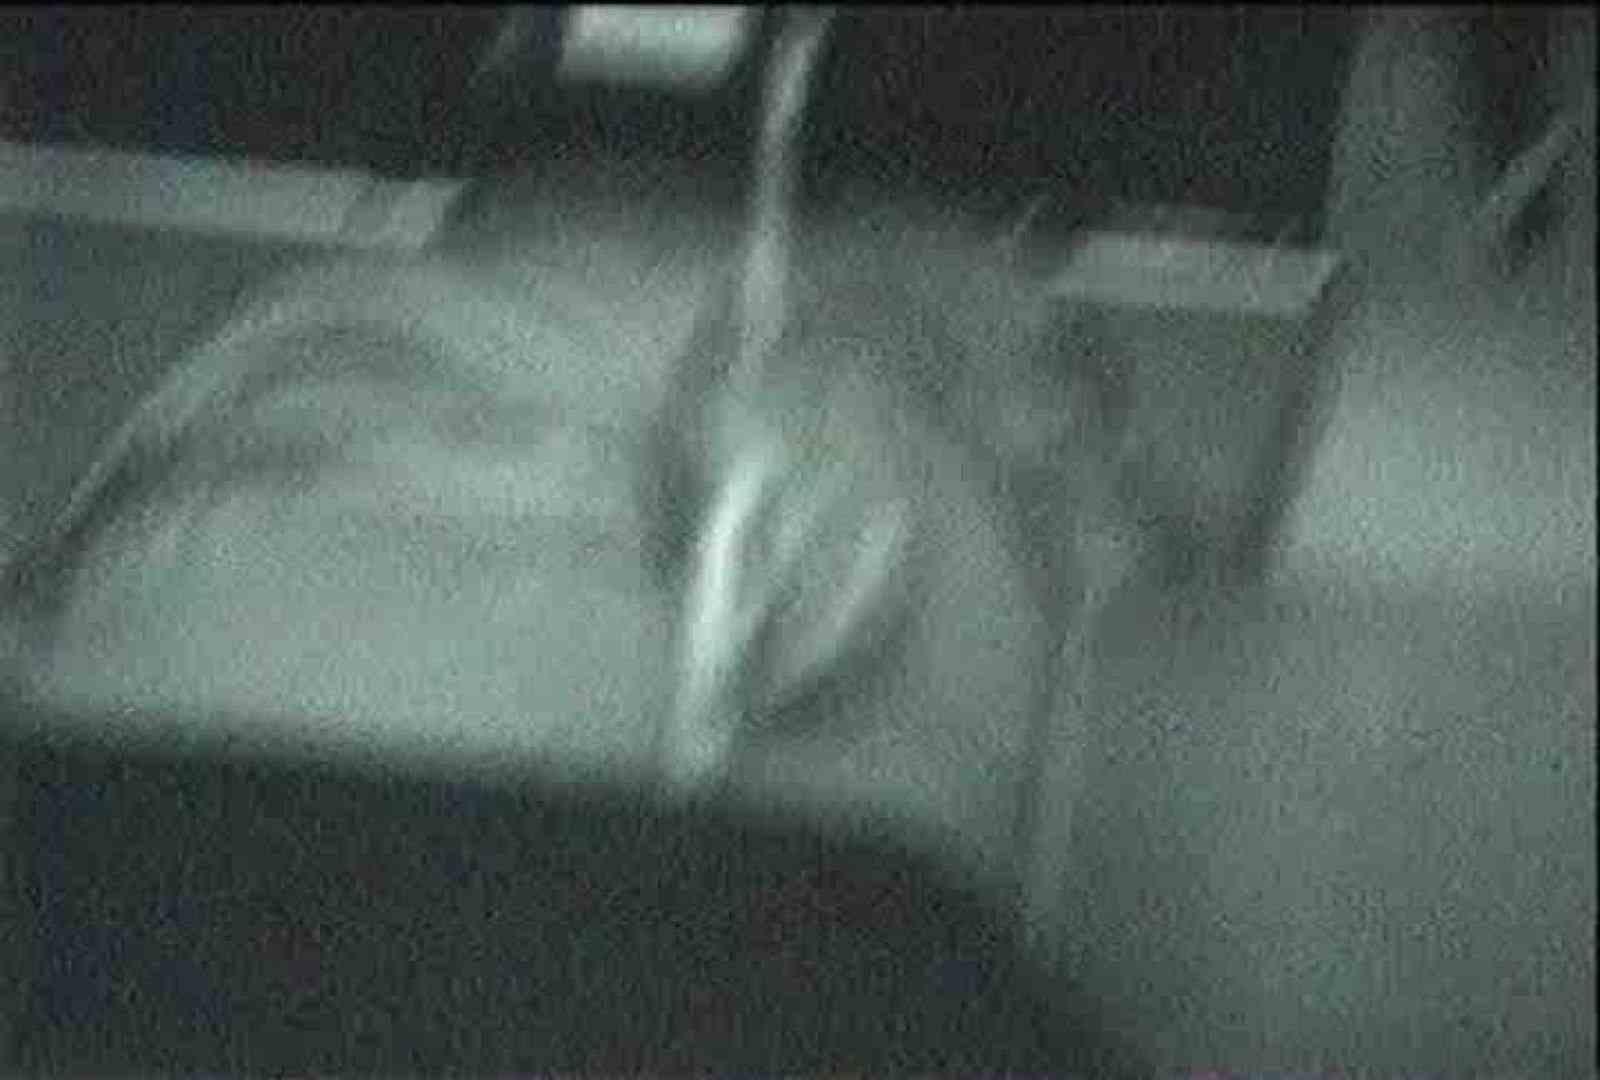 充血監督の深夜の運動会Vol.79 おまんこ | 美しいOLの裸体  91pic 15